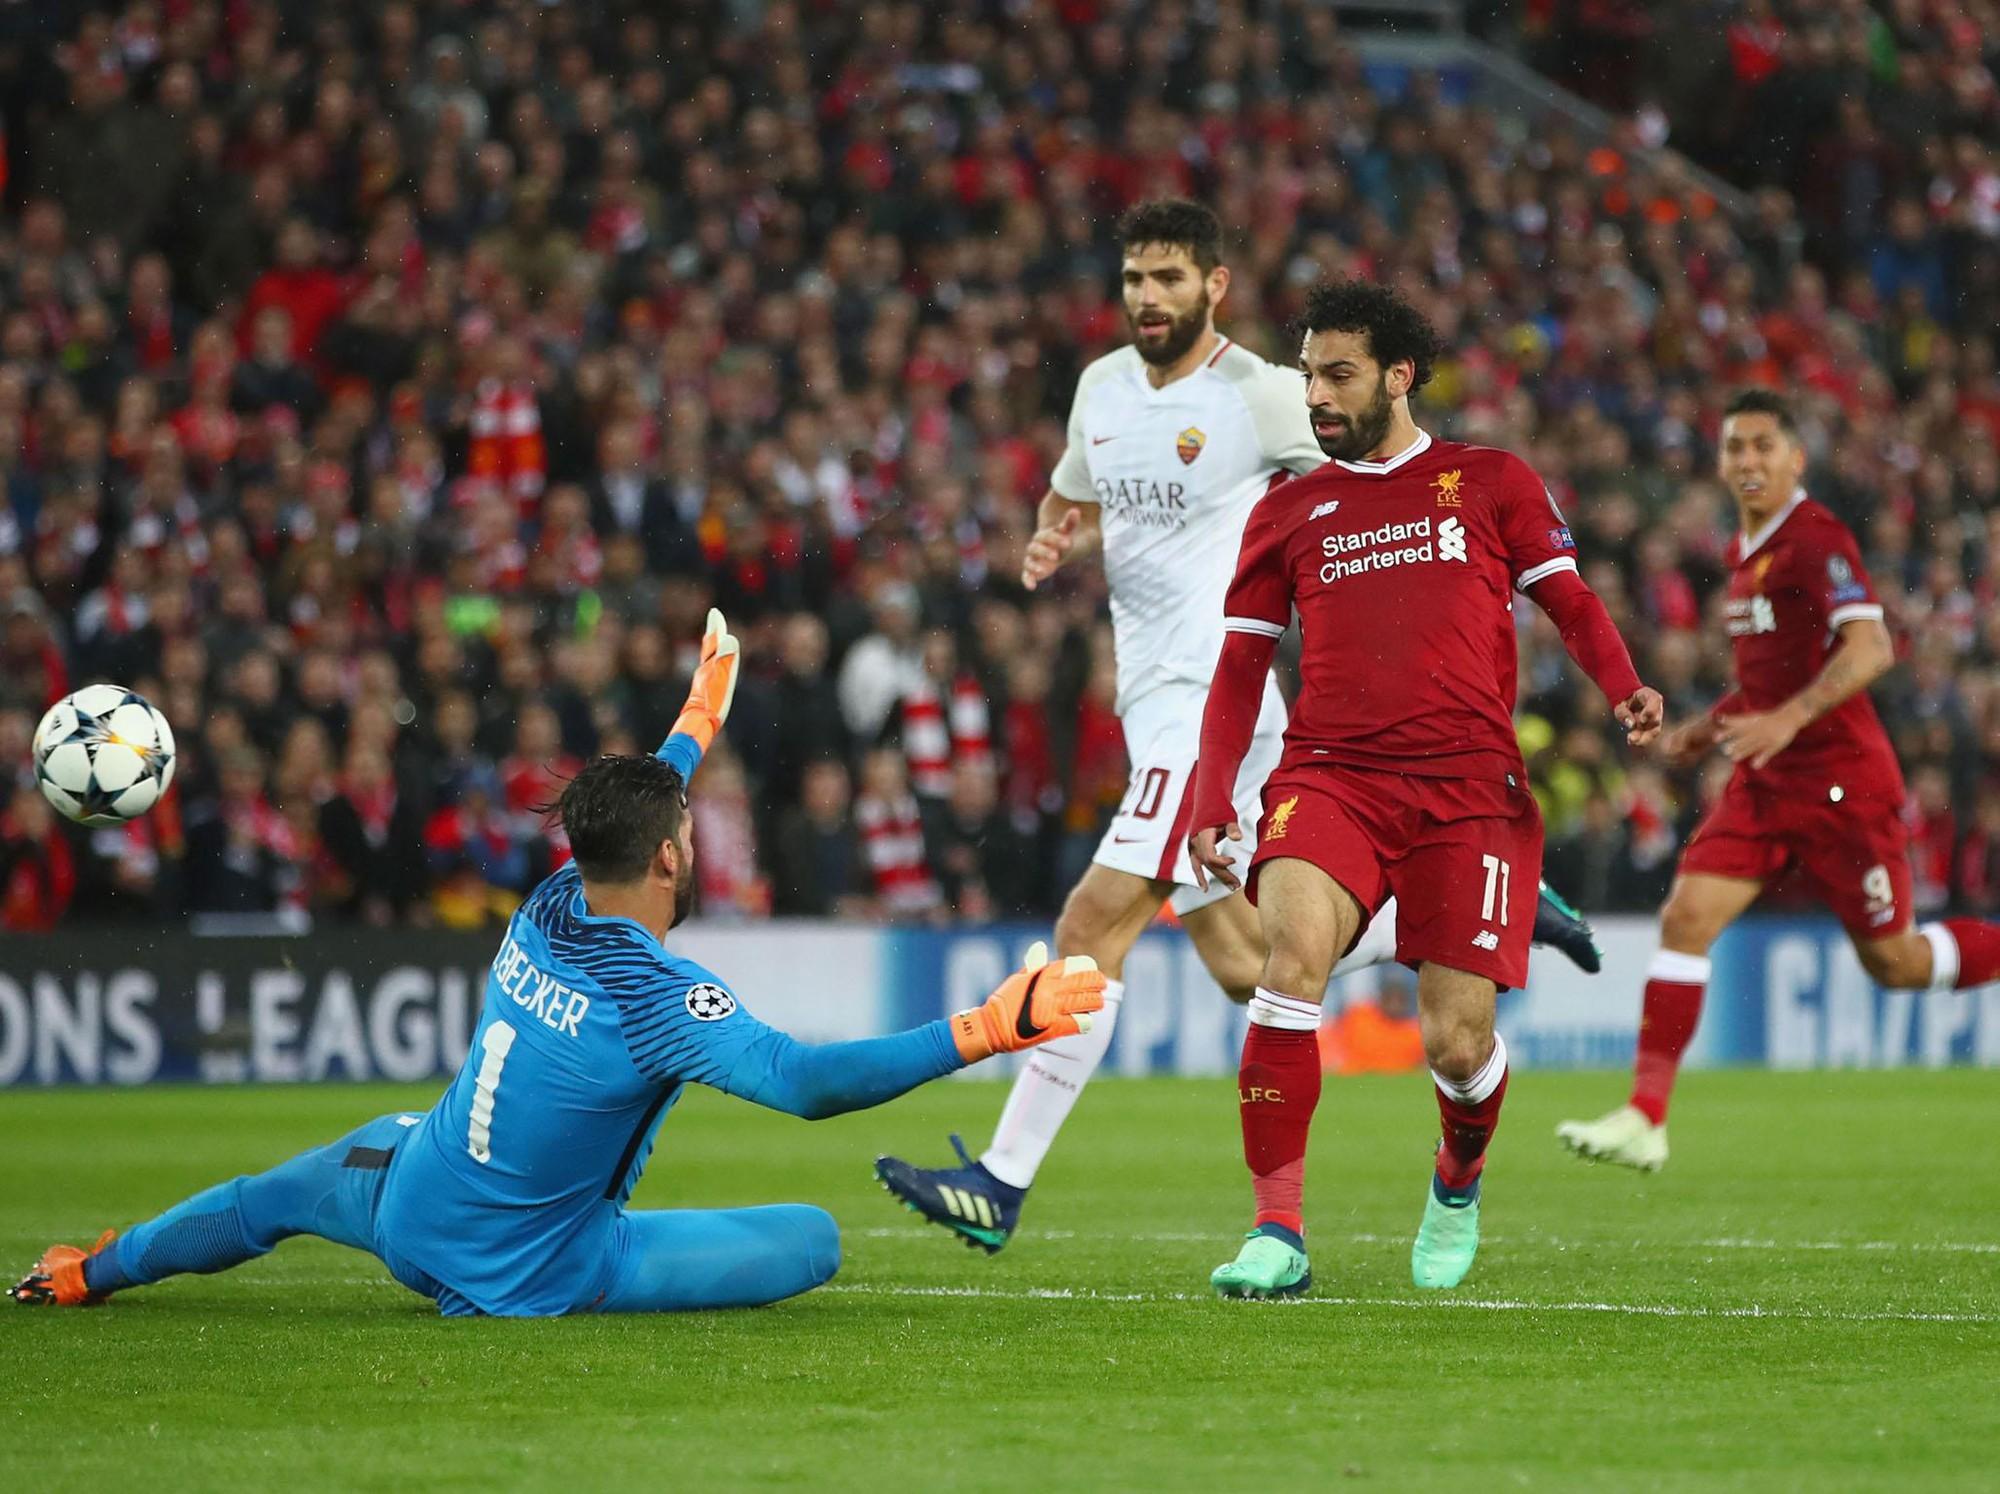 Mohamed Salah: Món hời giản dị của Liverpool đã chạm trái tim người yêu bóng đá-1